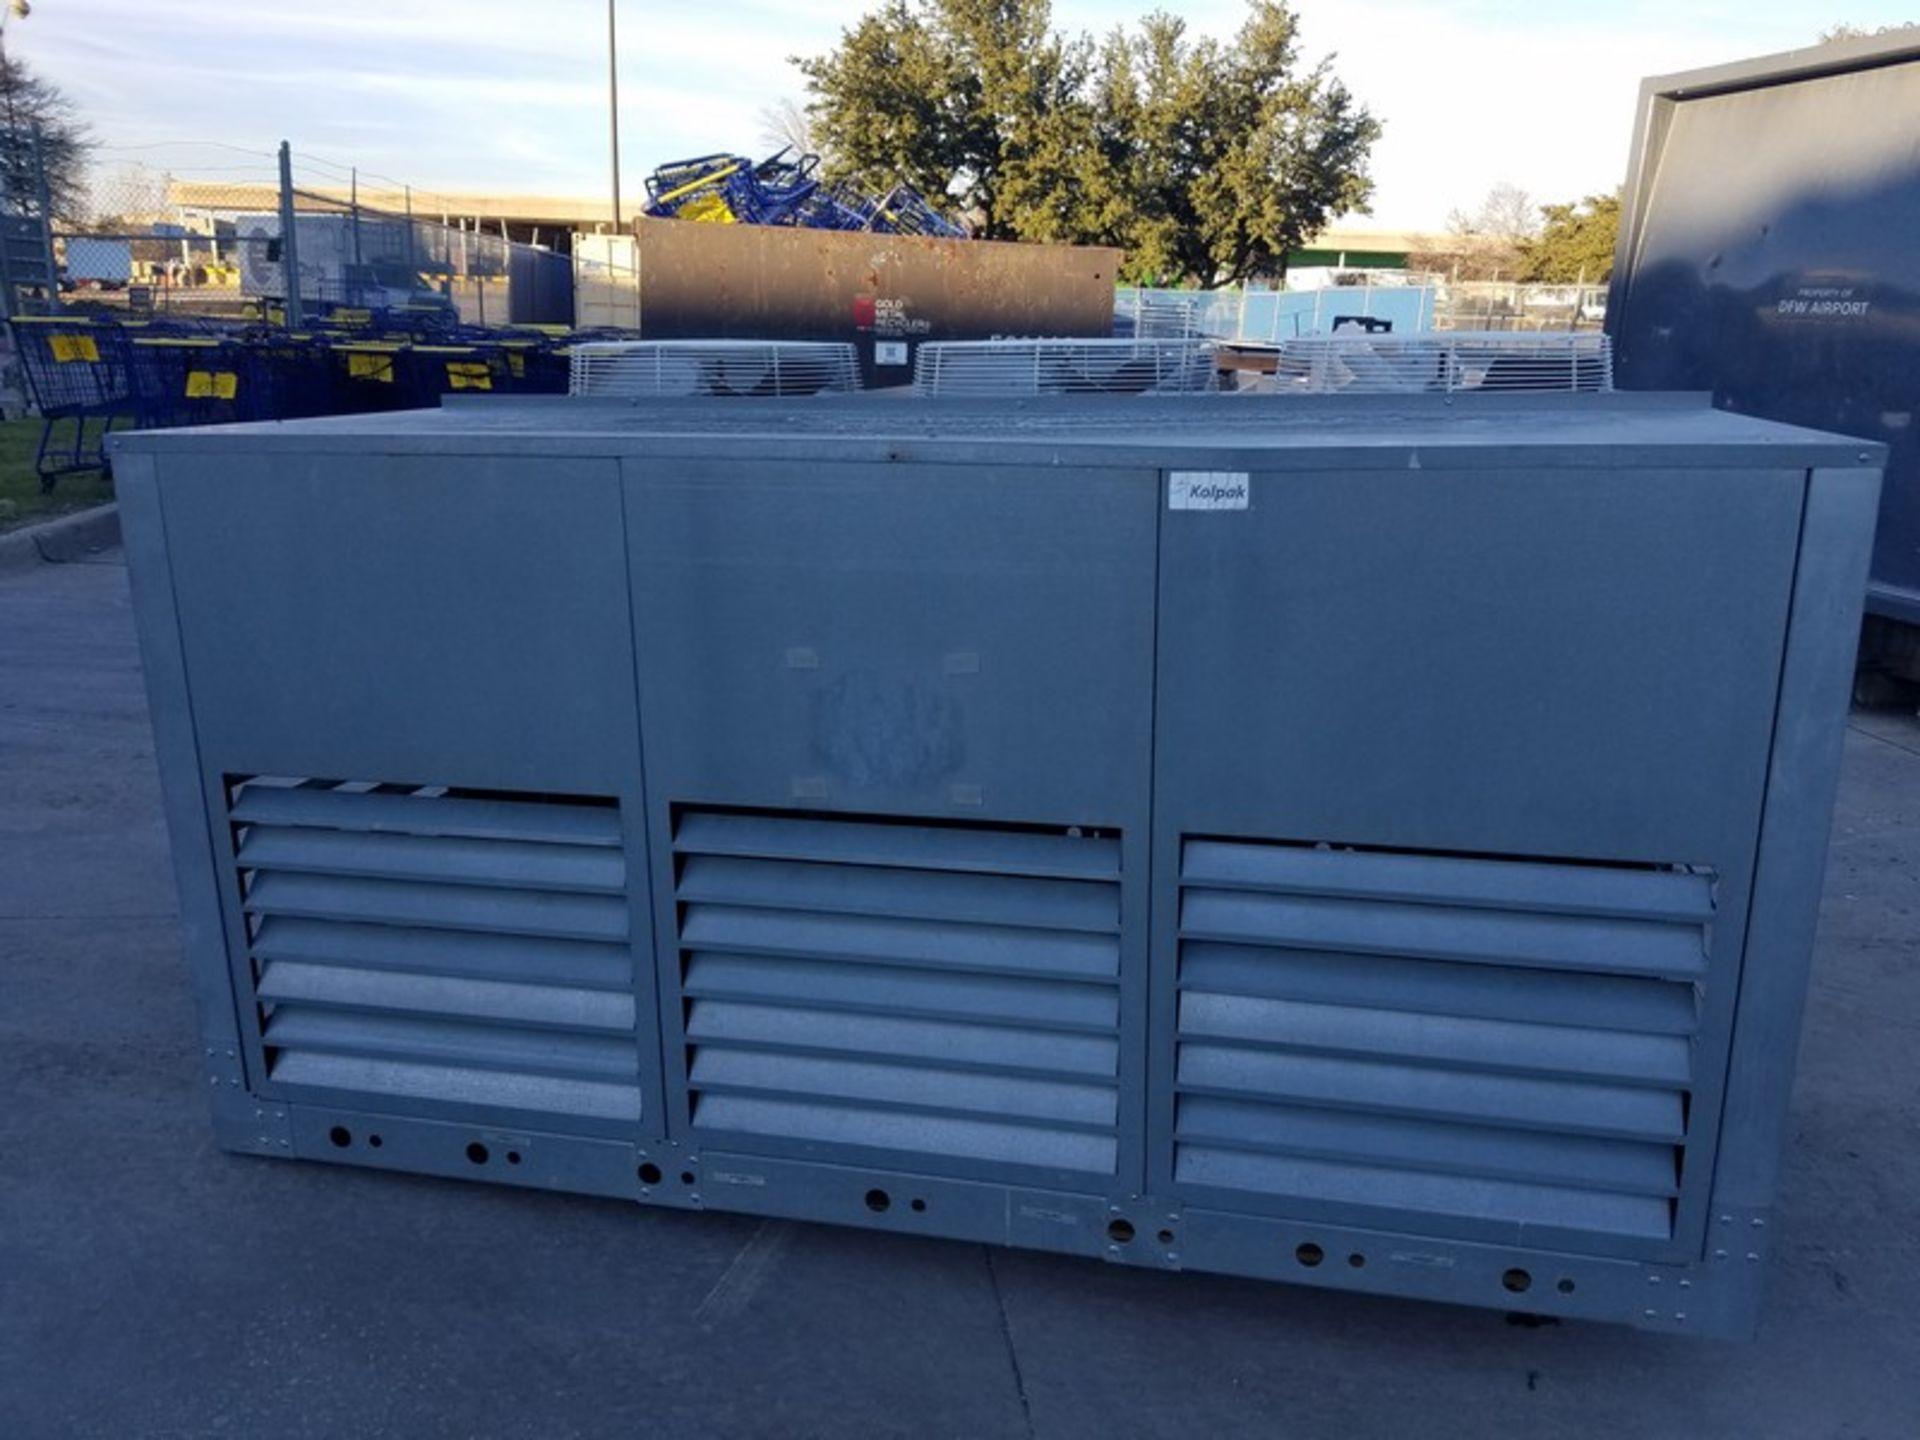 Lot 39 - 2011 Kolpak 3-Fan Refrigeration Compressor, M/N MC-20-4-Z-3-OP-3, S/N 410028019, Refrigerant 404A,